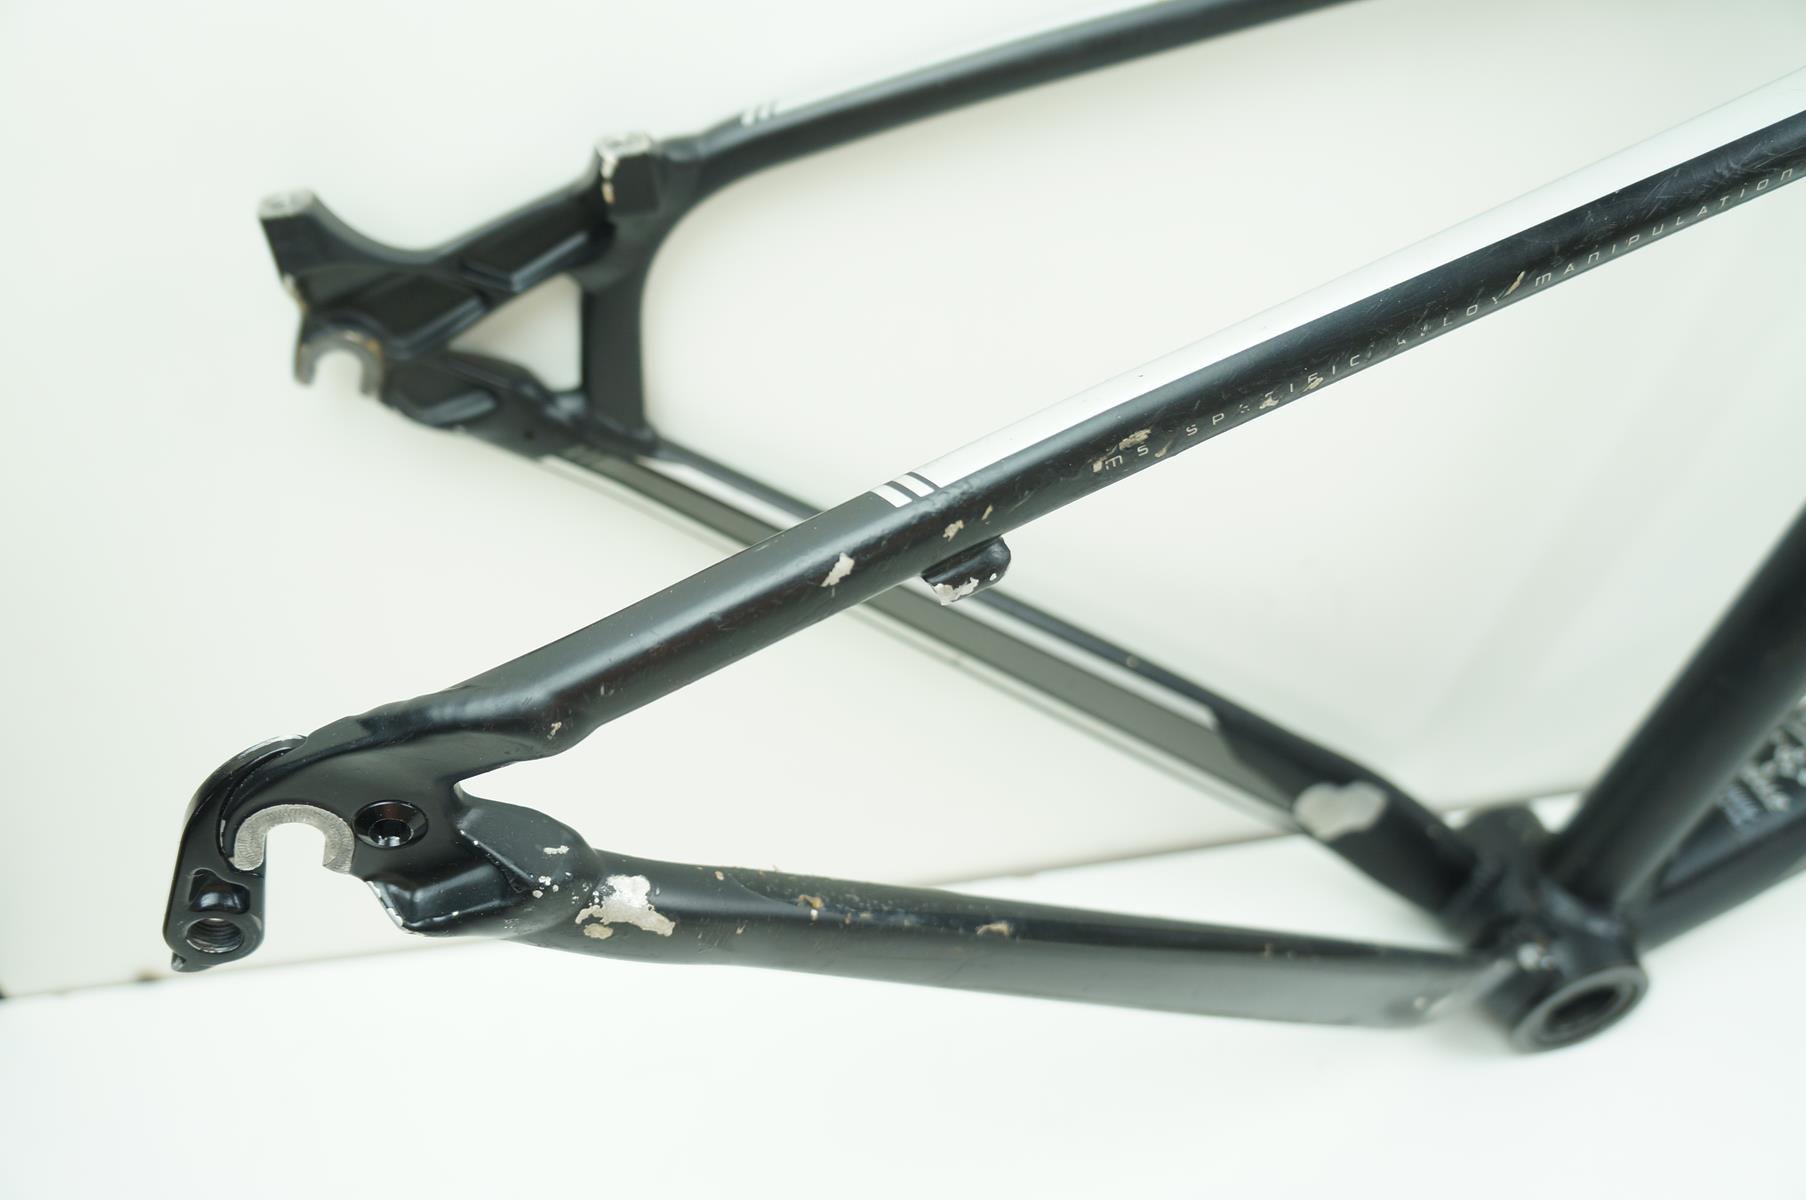 Quadro Bicicleta MTB Specialized Stumpjumper 29 Aluminio Tam 17.5 - USADO